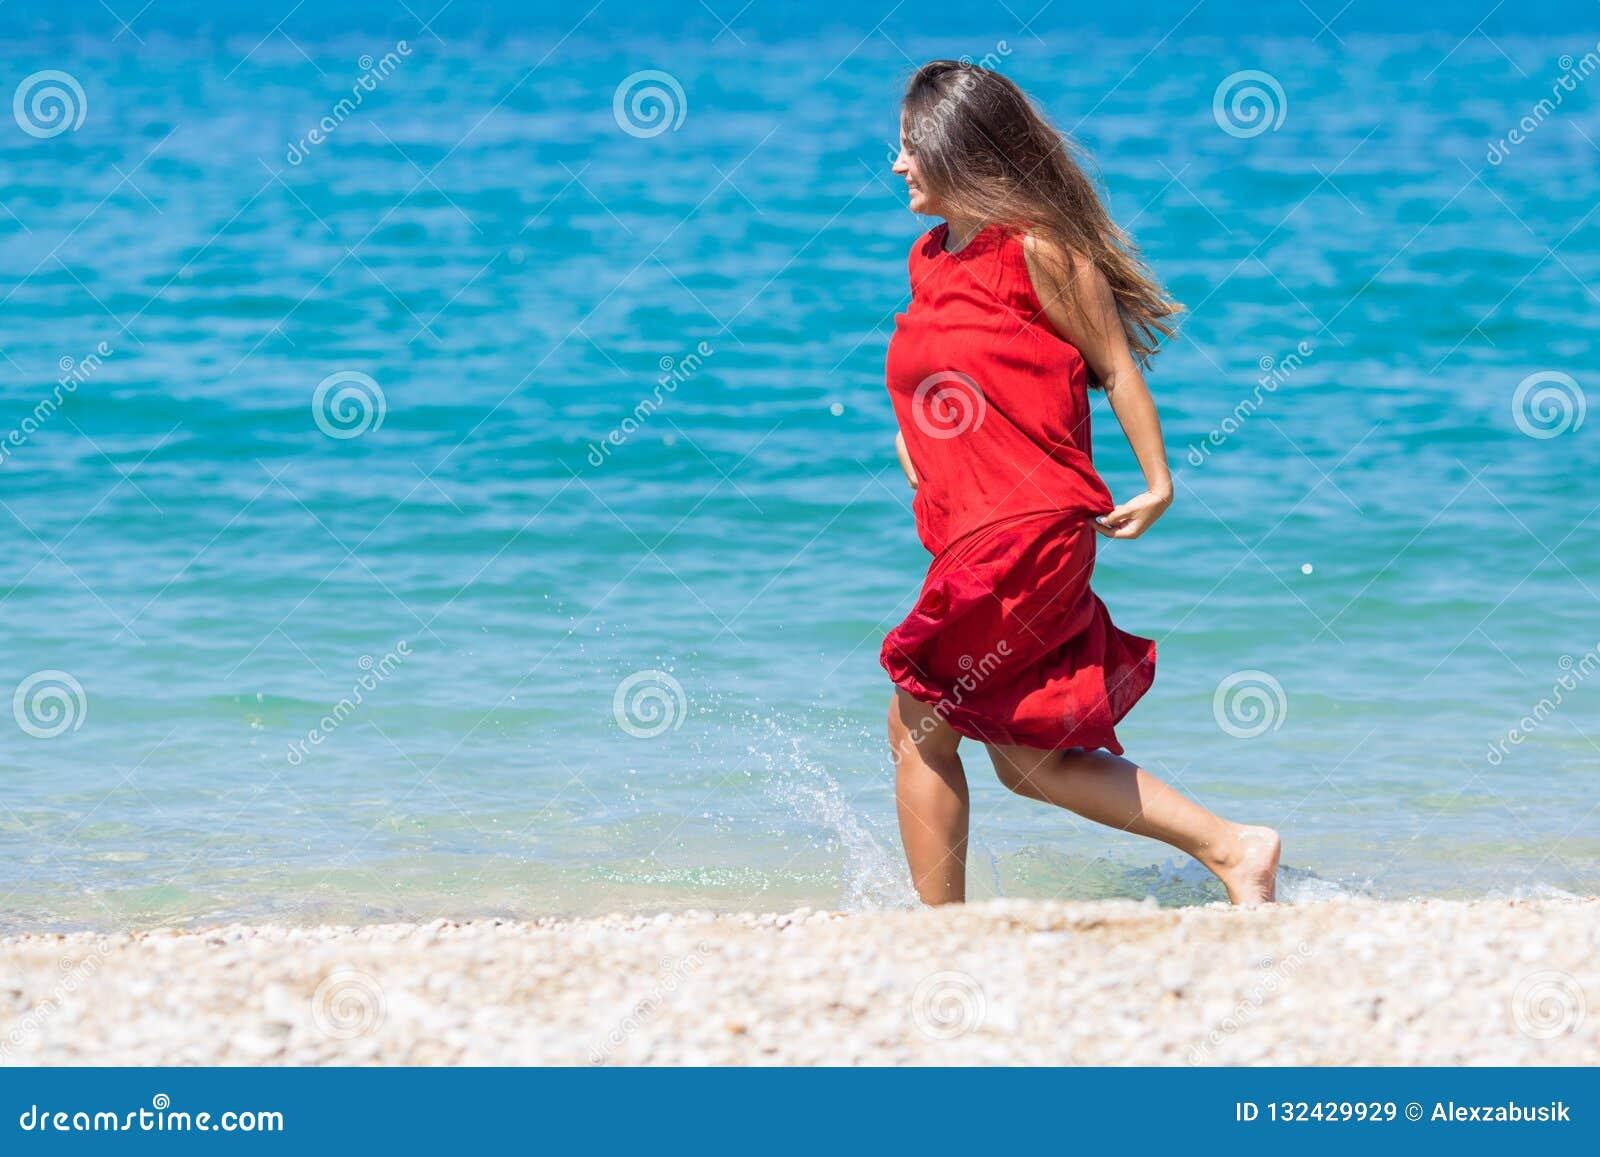 Νέα γυναίκα στο πολύ κόκκινο φόρεμα που τρέχει κατά μήκος της ακτής